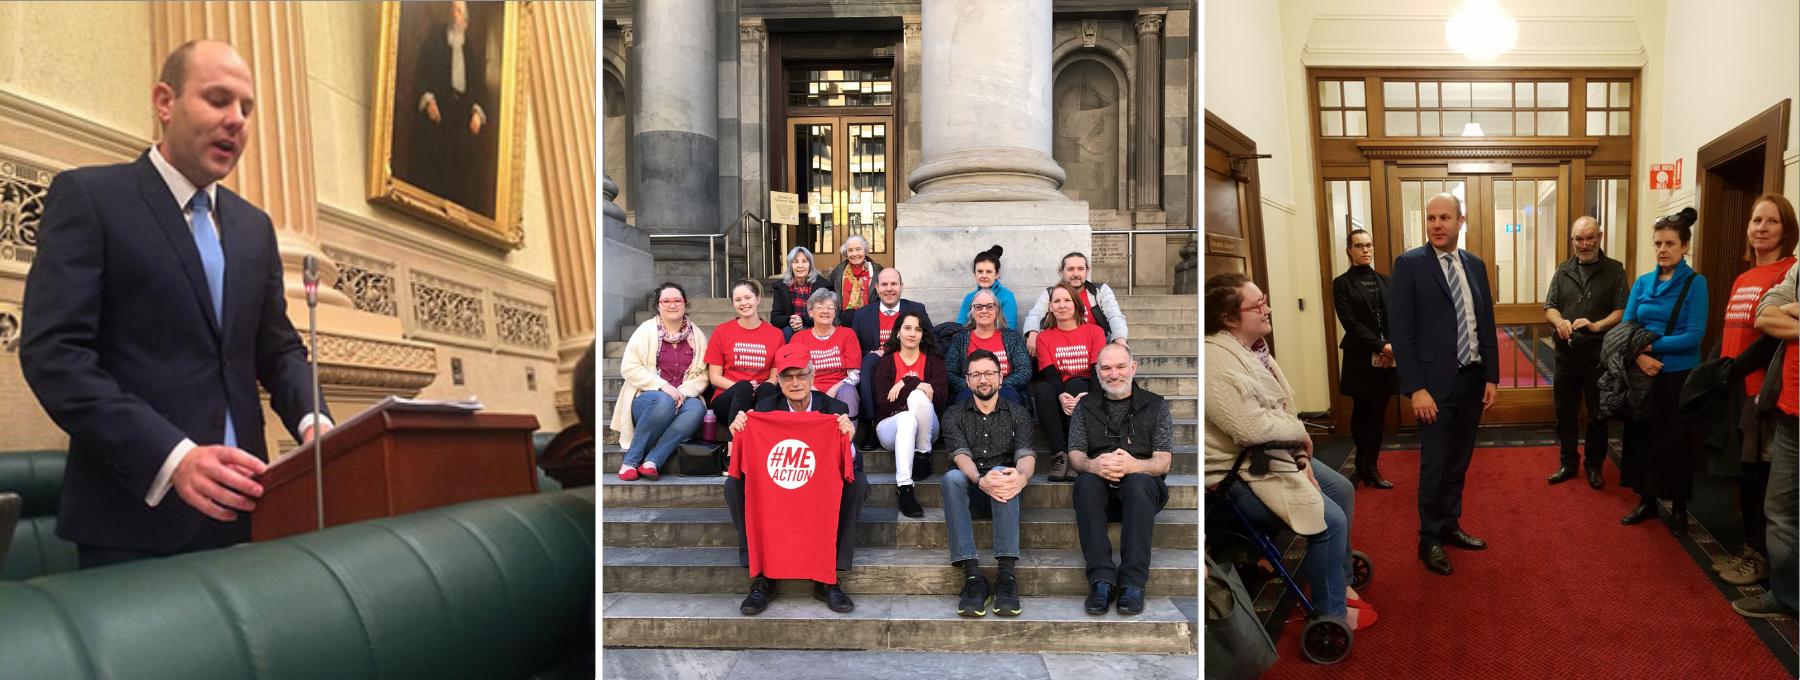 2018 May Awareness SA Parliament 2018 1800 x680